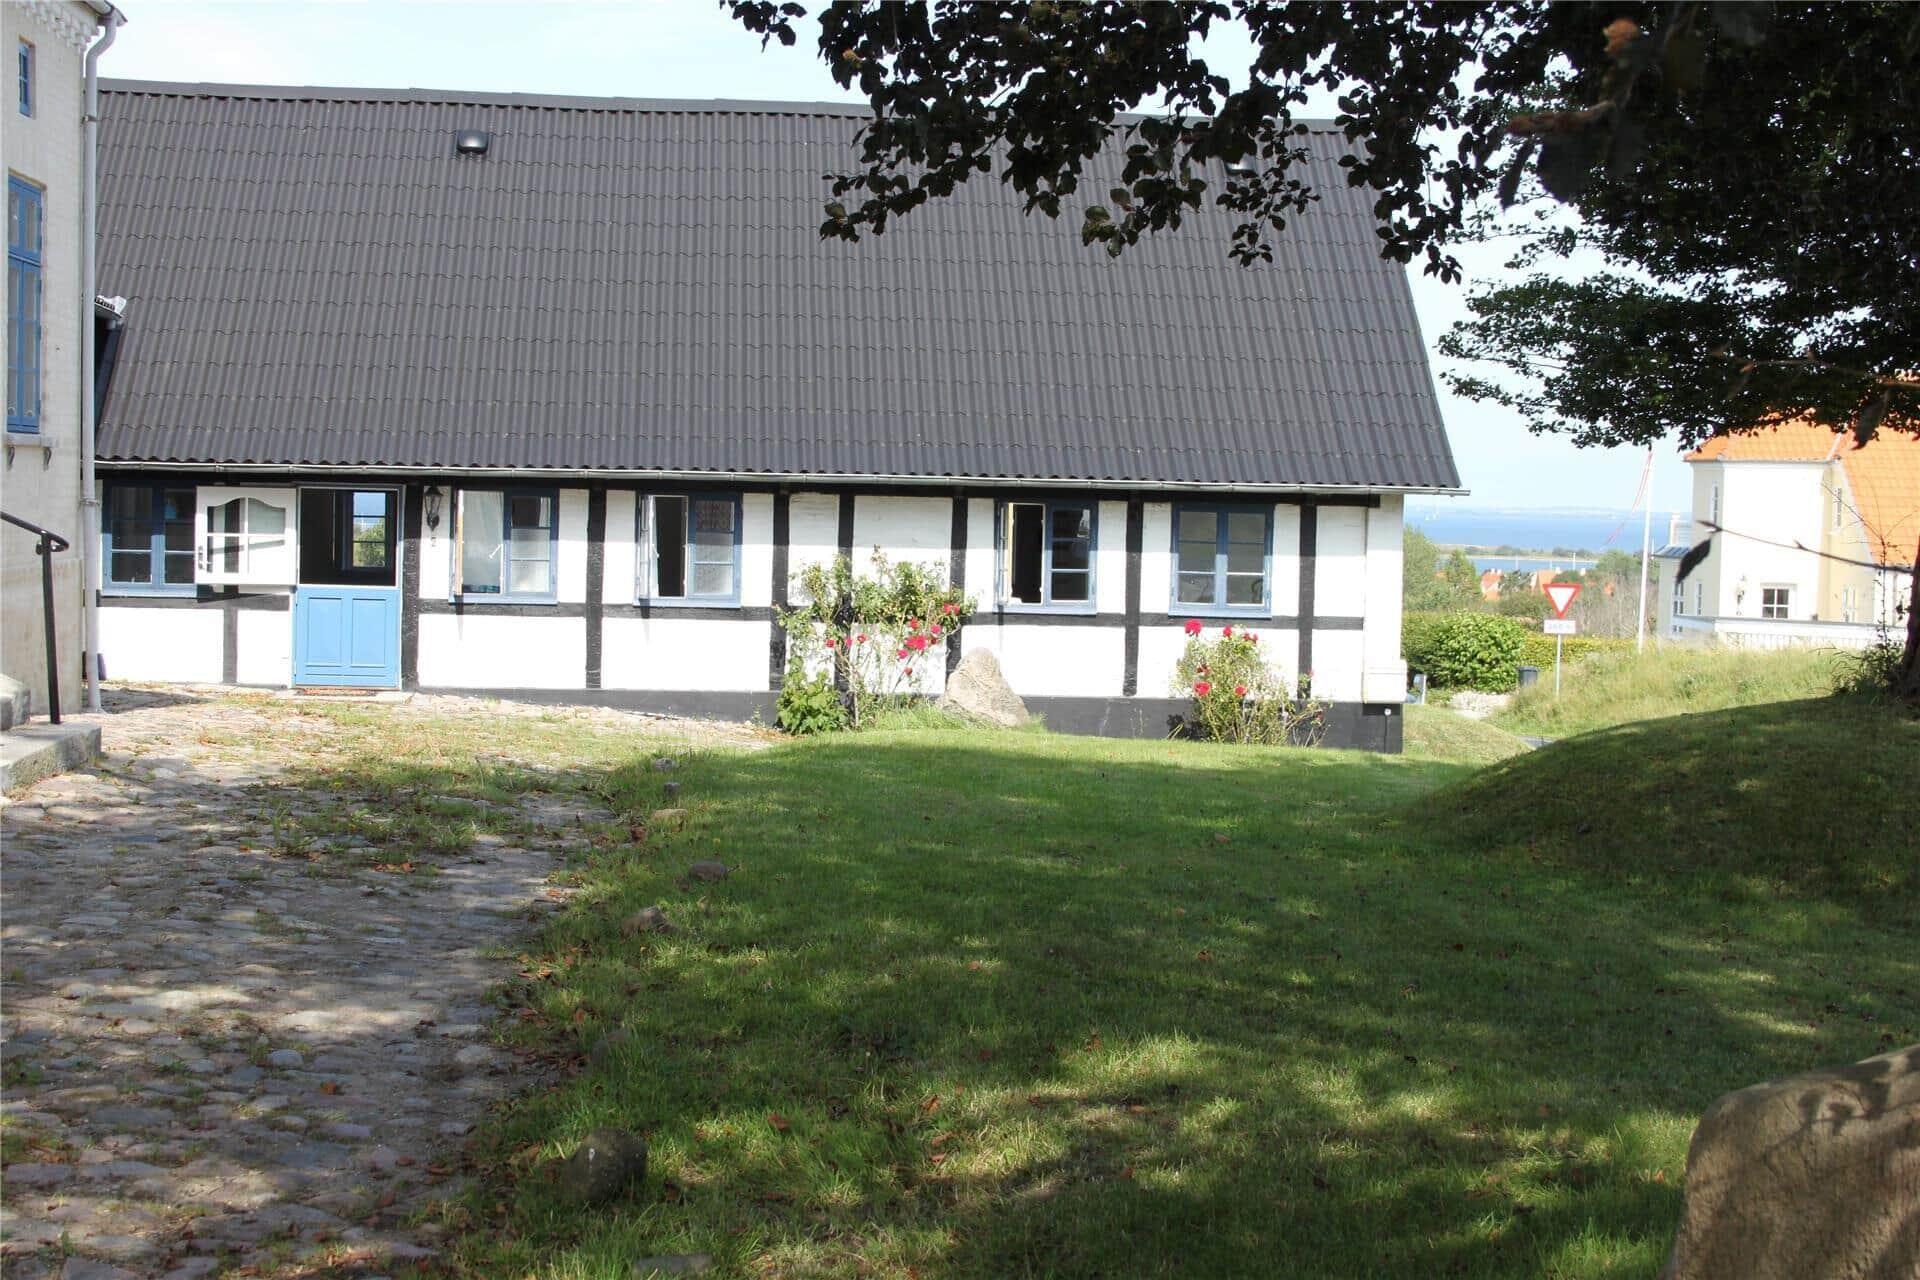 Billede 1-3 Sommerhus M70266, Tivoli 2, DK - 5970 Ærøskøbing